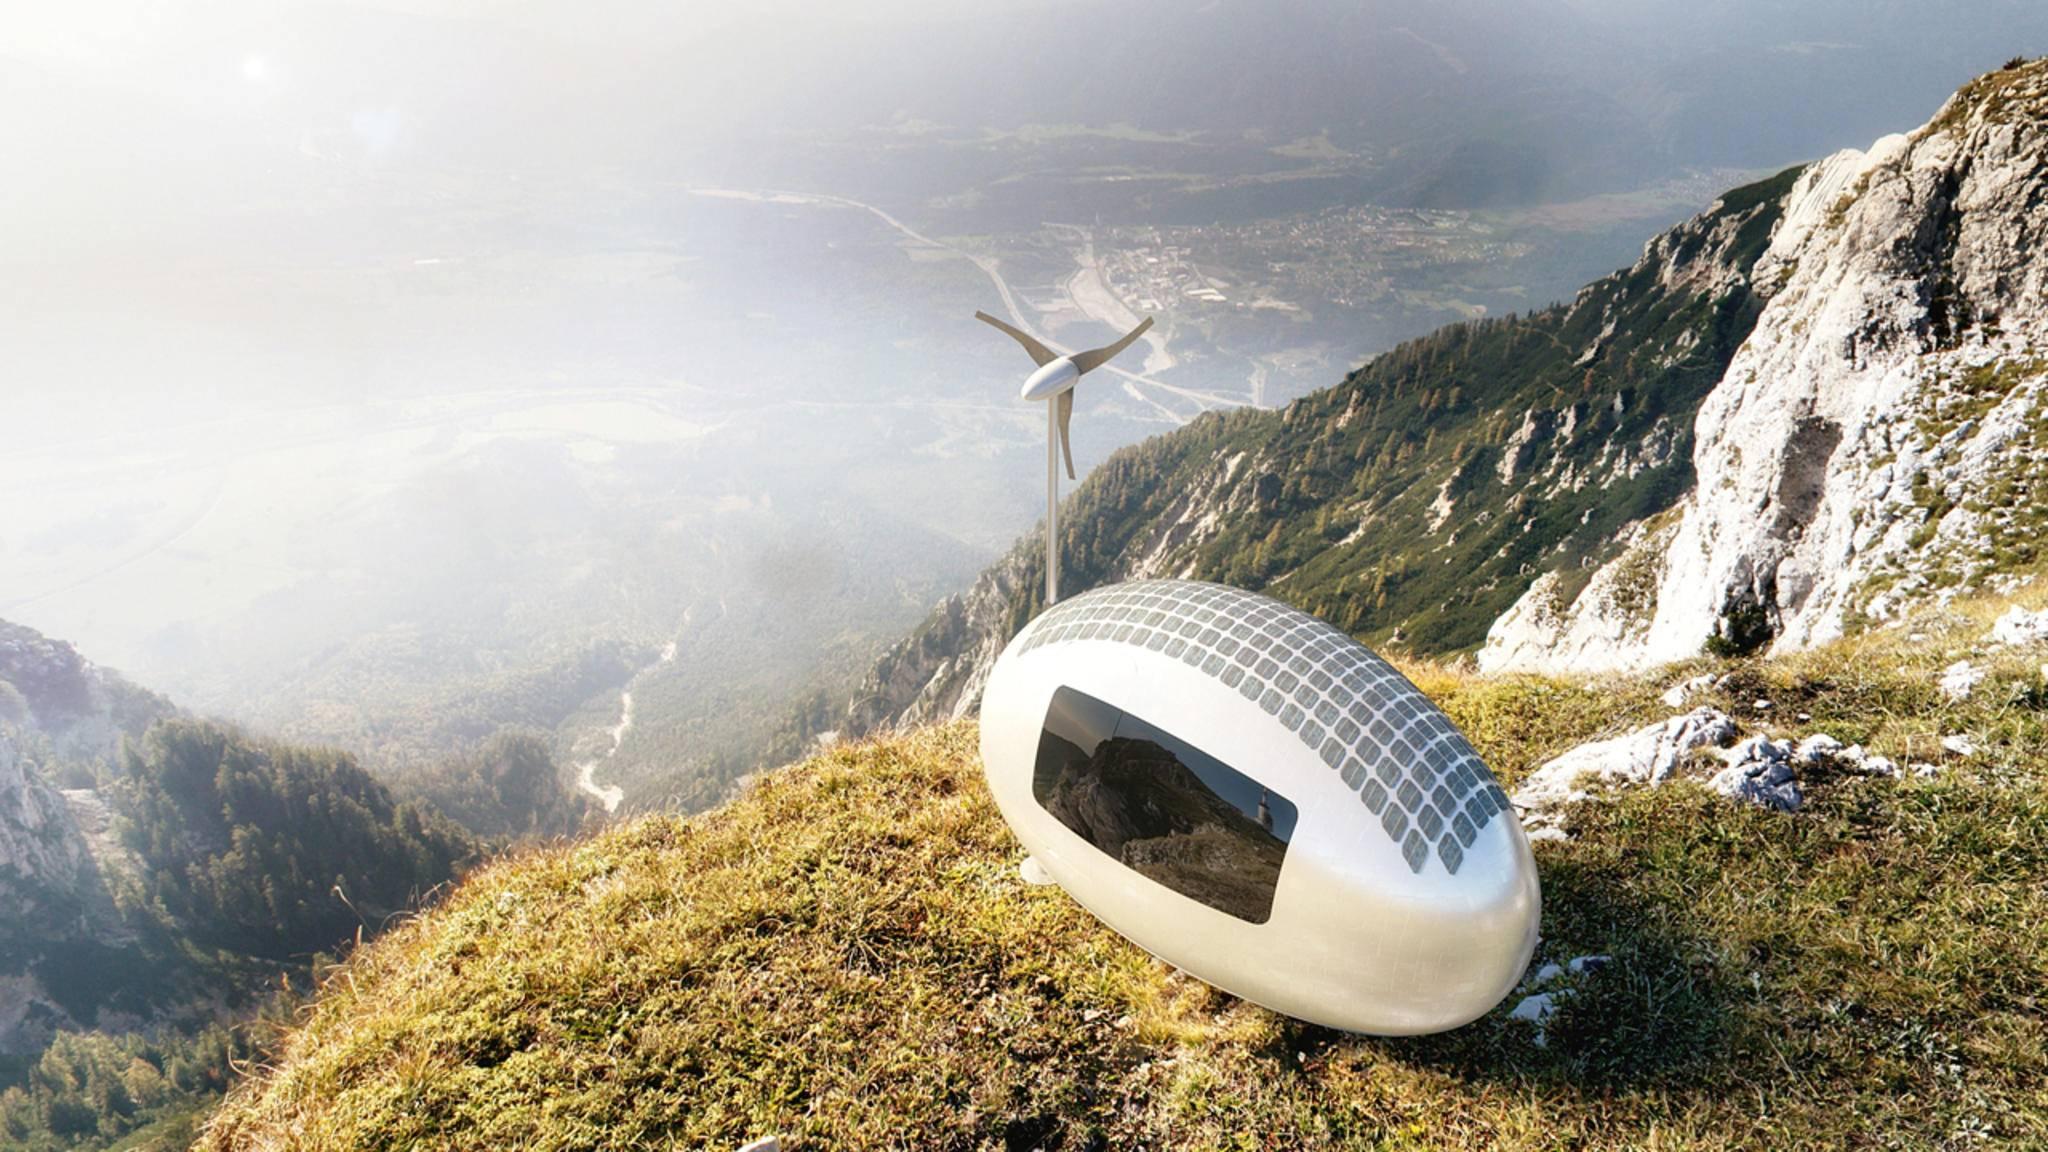 Toller Ausguck: Das Wohn-Ei kann ganz einfach an den schönsten Orten der Welt geparkt werden.